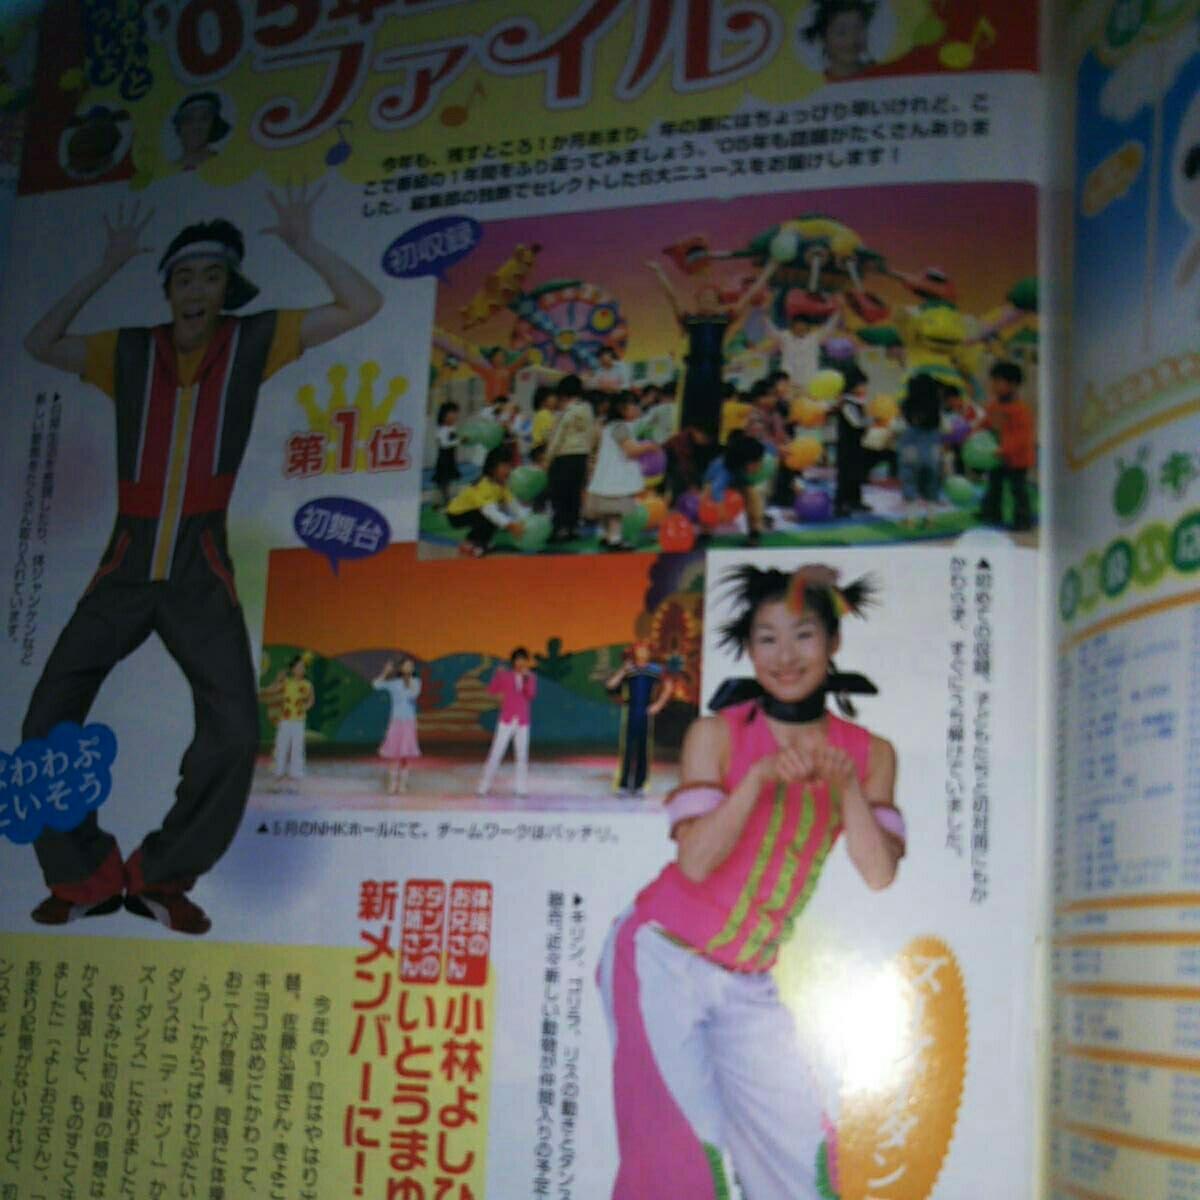 中古 雑誌nhkおかあさんといっしょ 2005年12月号 今井ゆうぞう